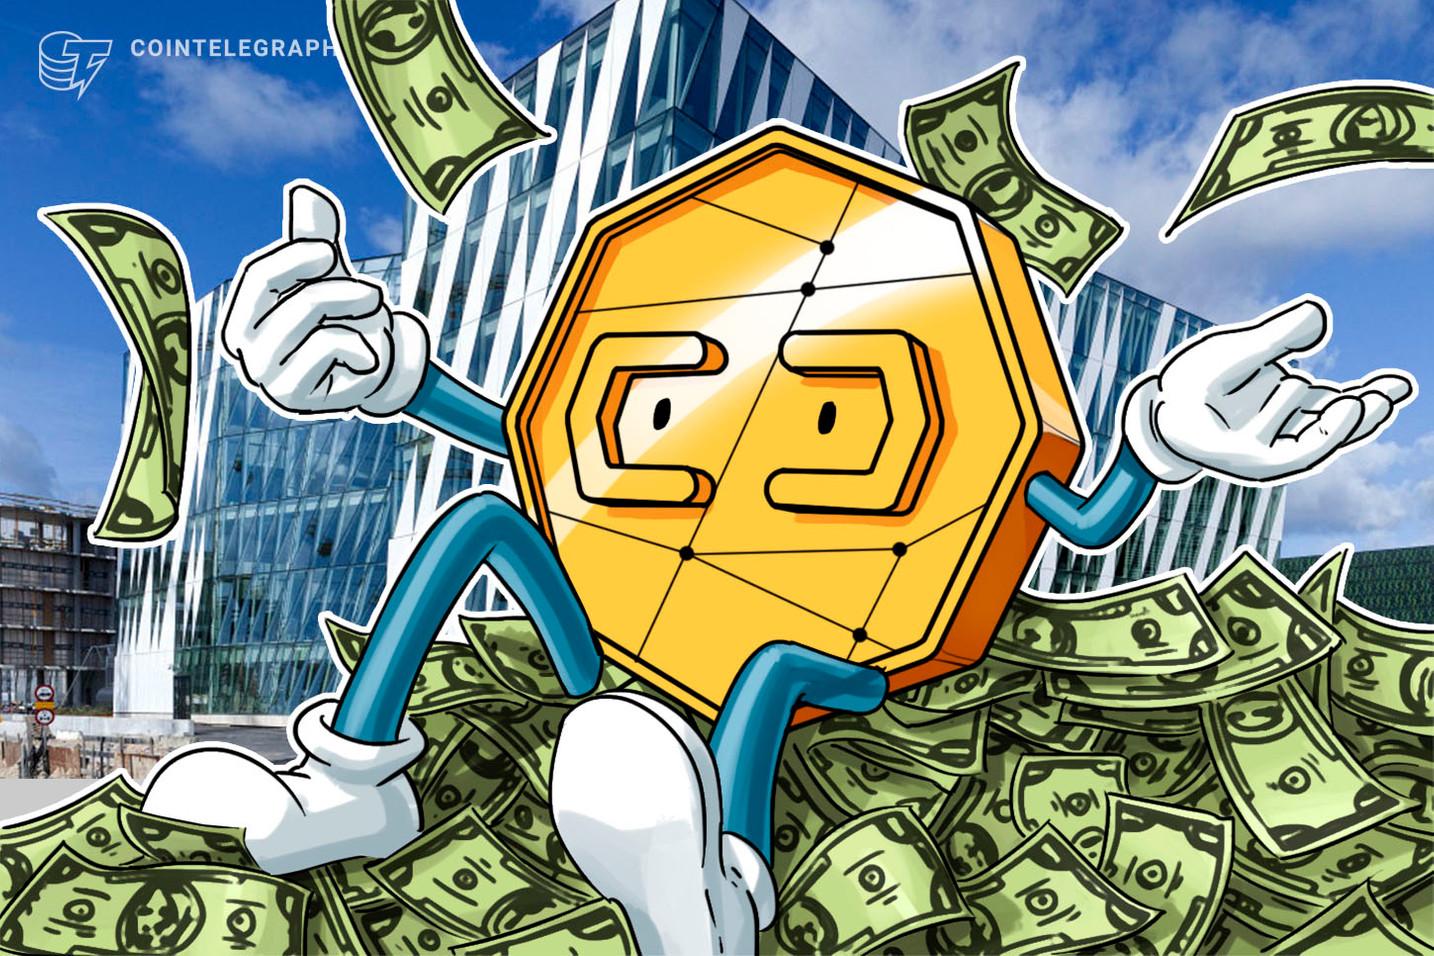 Capitalização total das criptomoedas atinge novo recorde histórico de US$ 1,13 trilhão